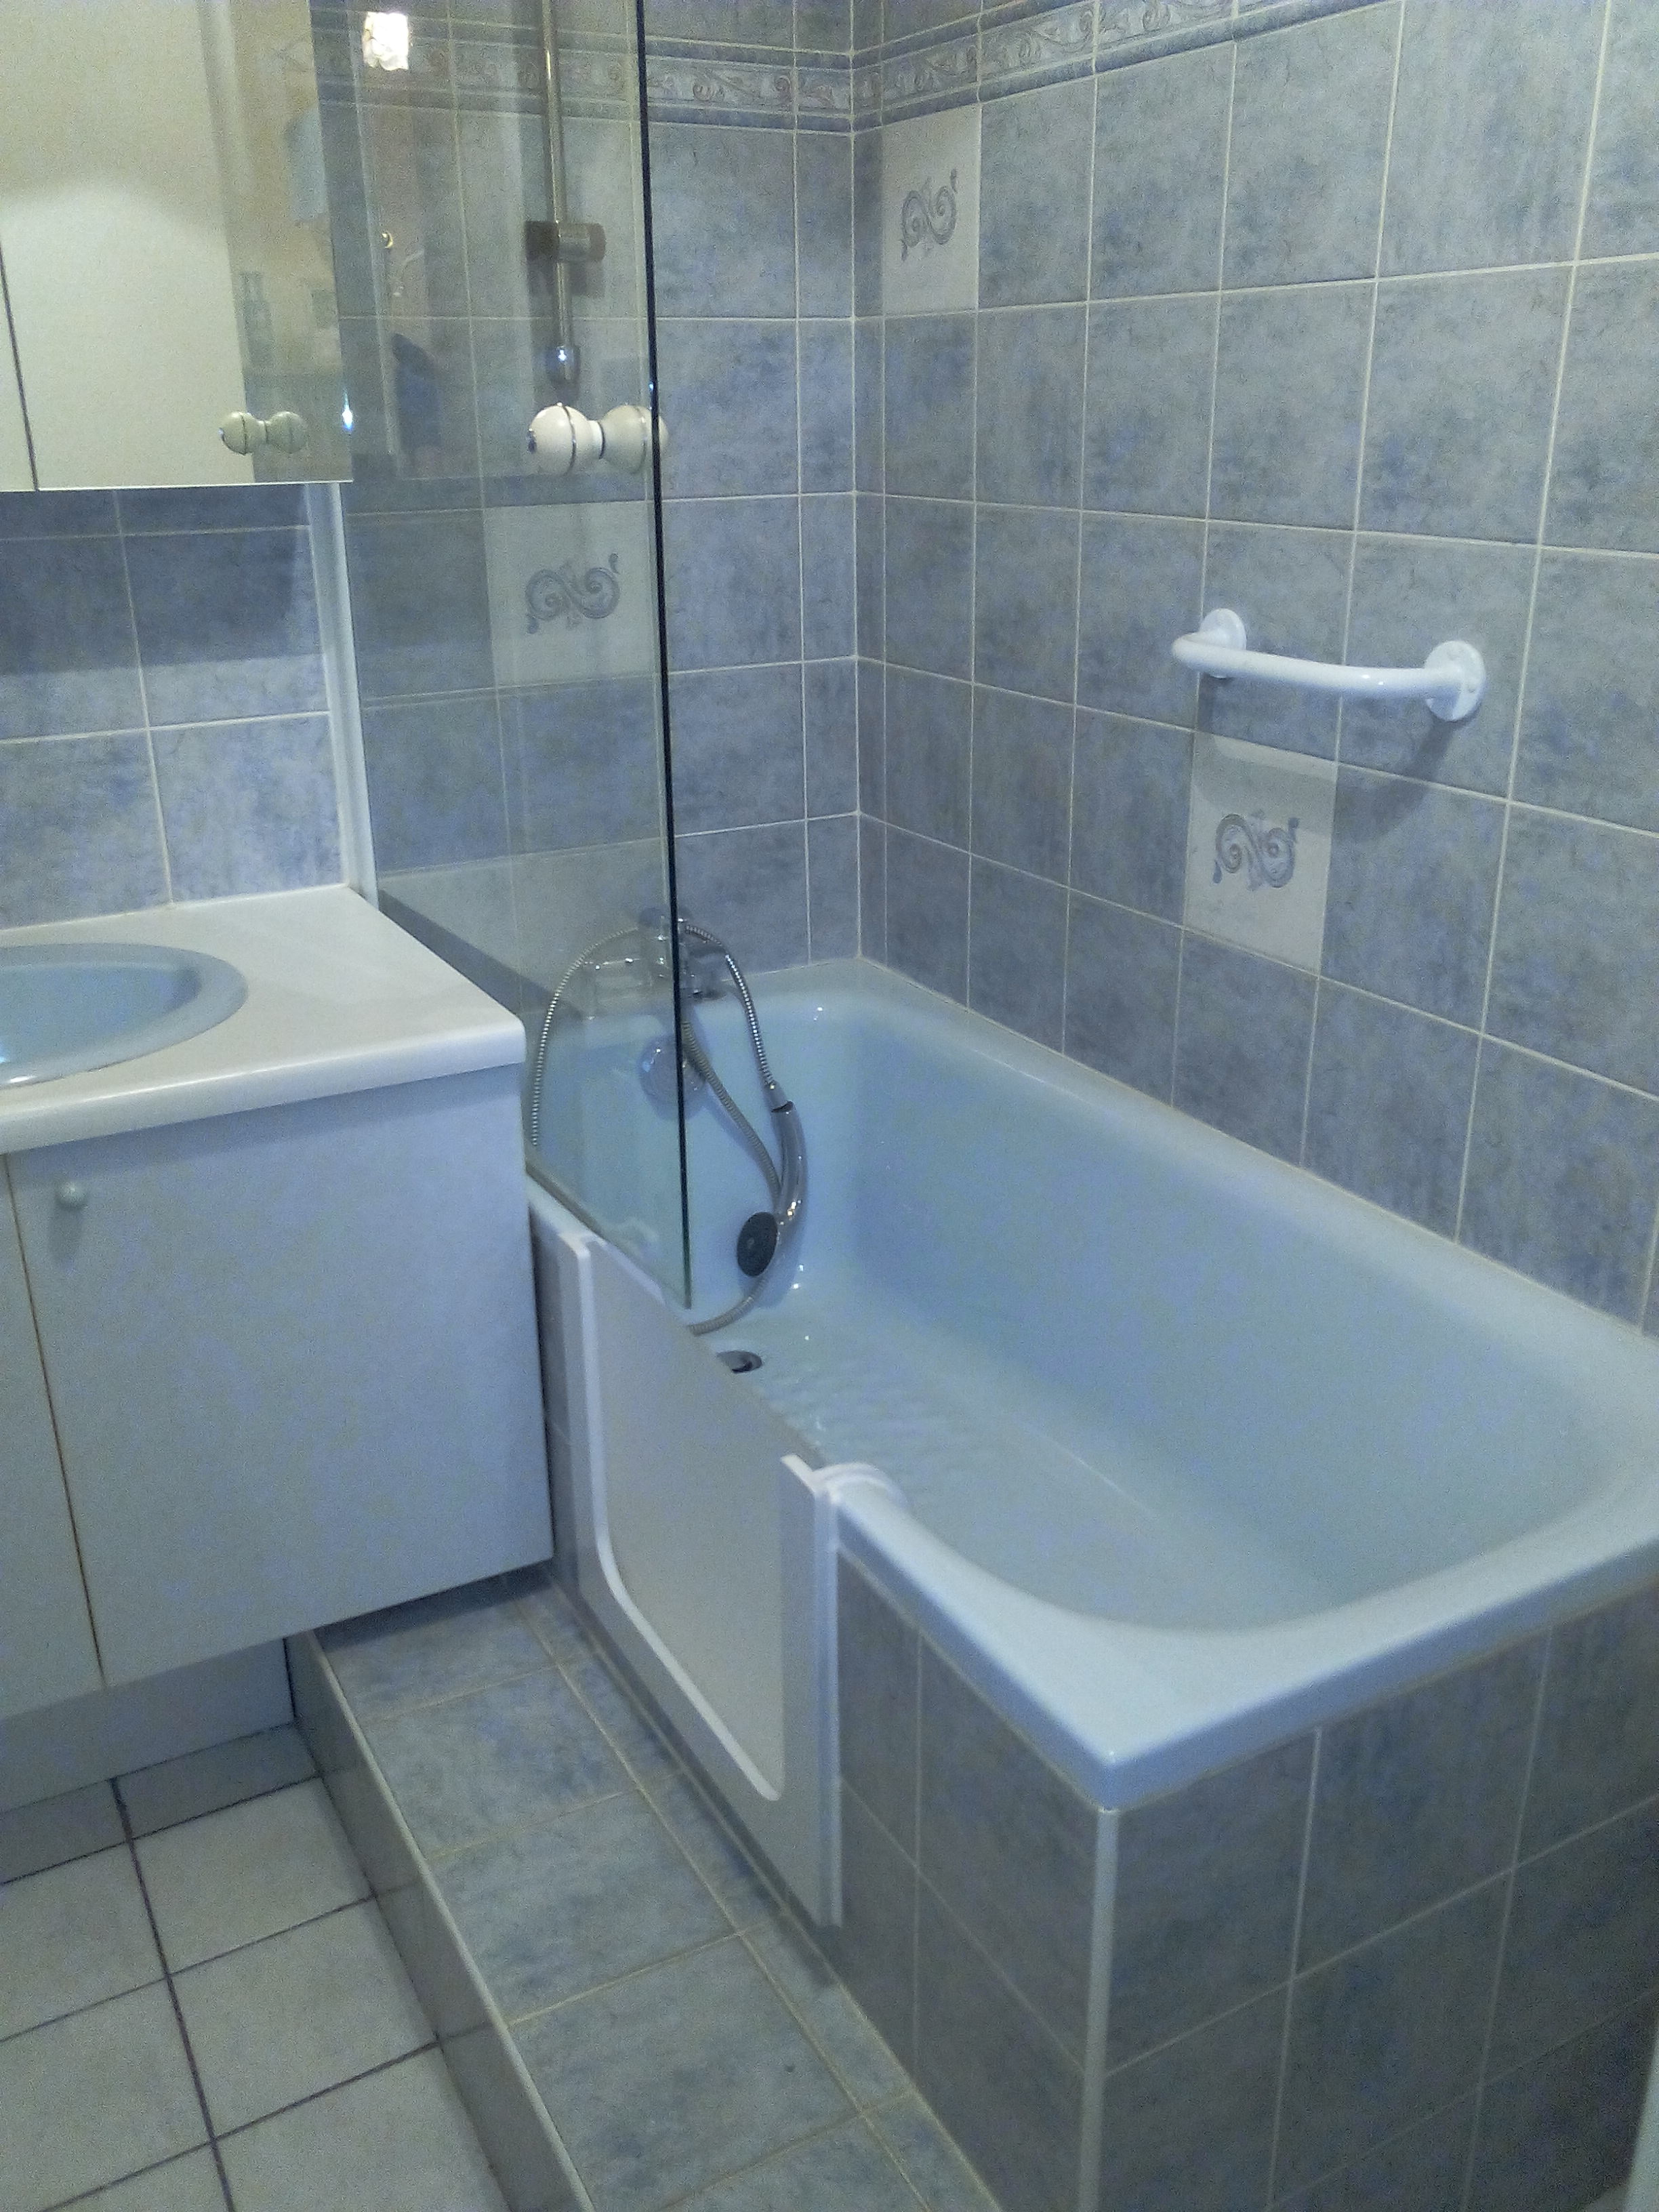 D couvrez notre derni re installation d 39 une porte tanche de baignoire - Installation d une baignoire ...